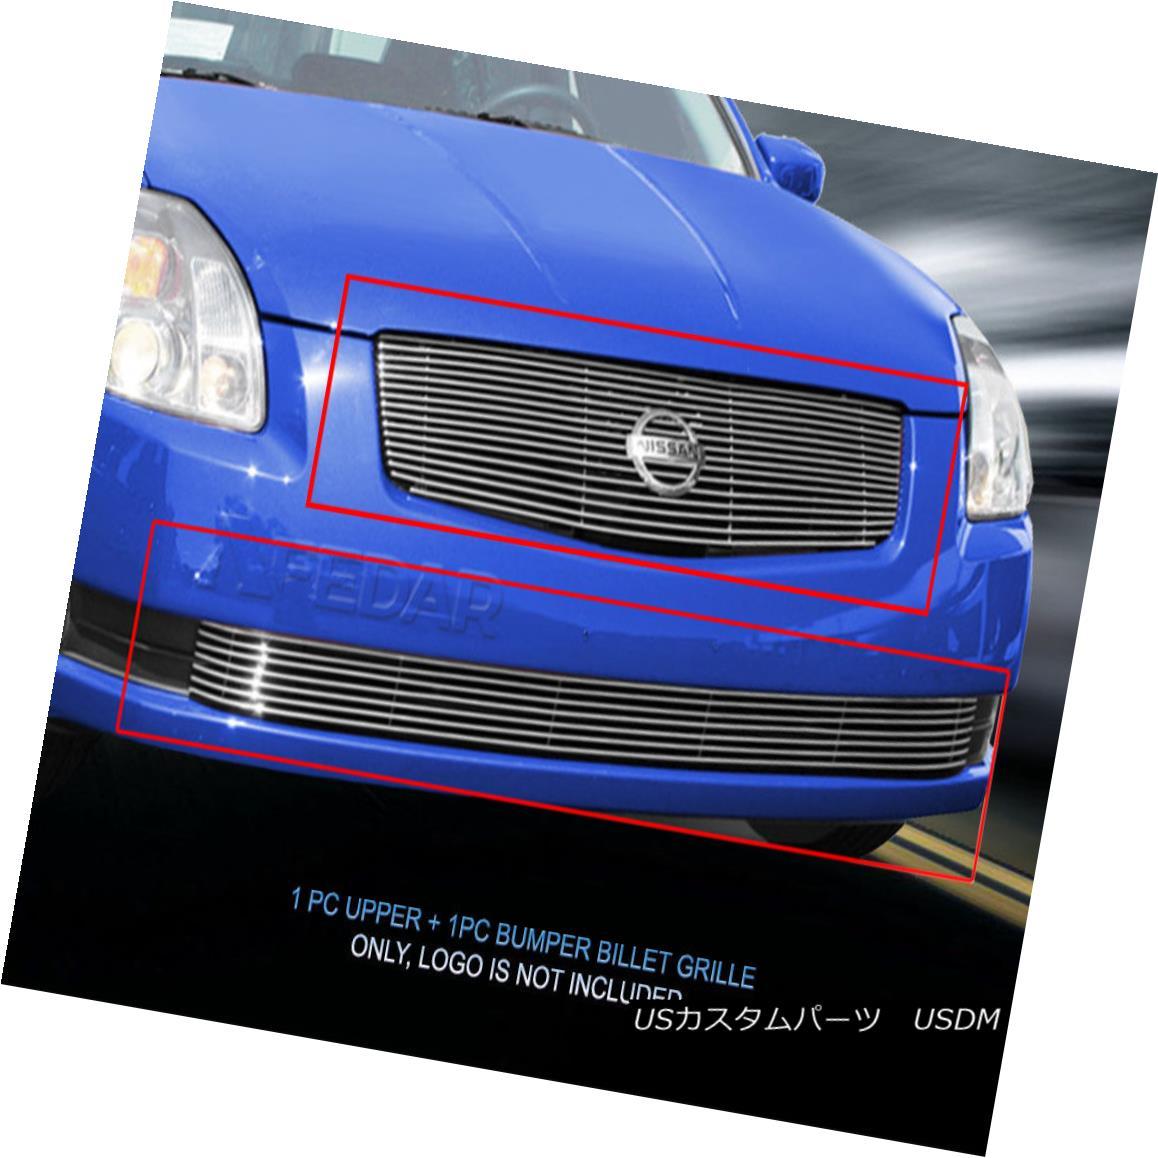 グリル Fits 04 05 06 Nissan Sentra Billet Grille Combo Grill Insert  159 160 Fedar フィット04 05 06日産セントラビレットグリルコンボグリルインサート159 160 Fedar